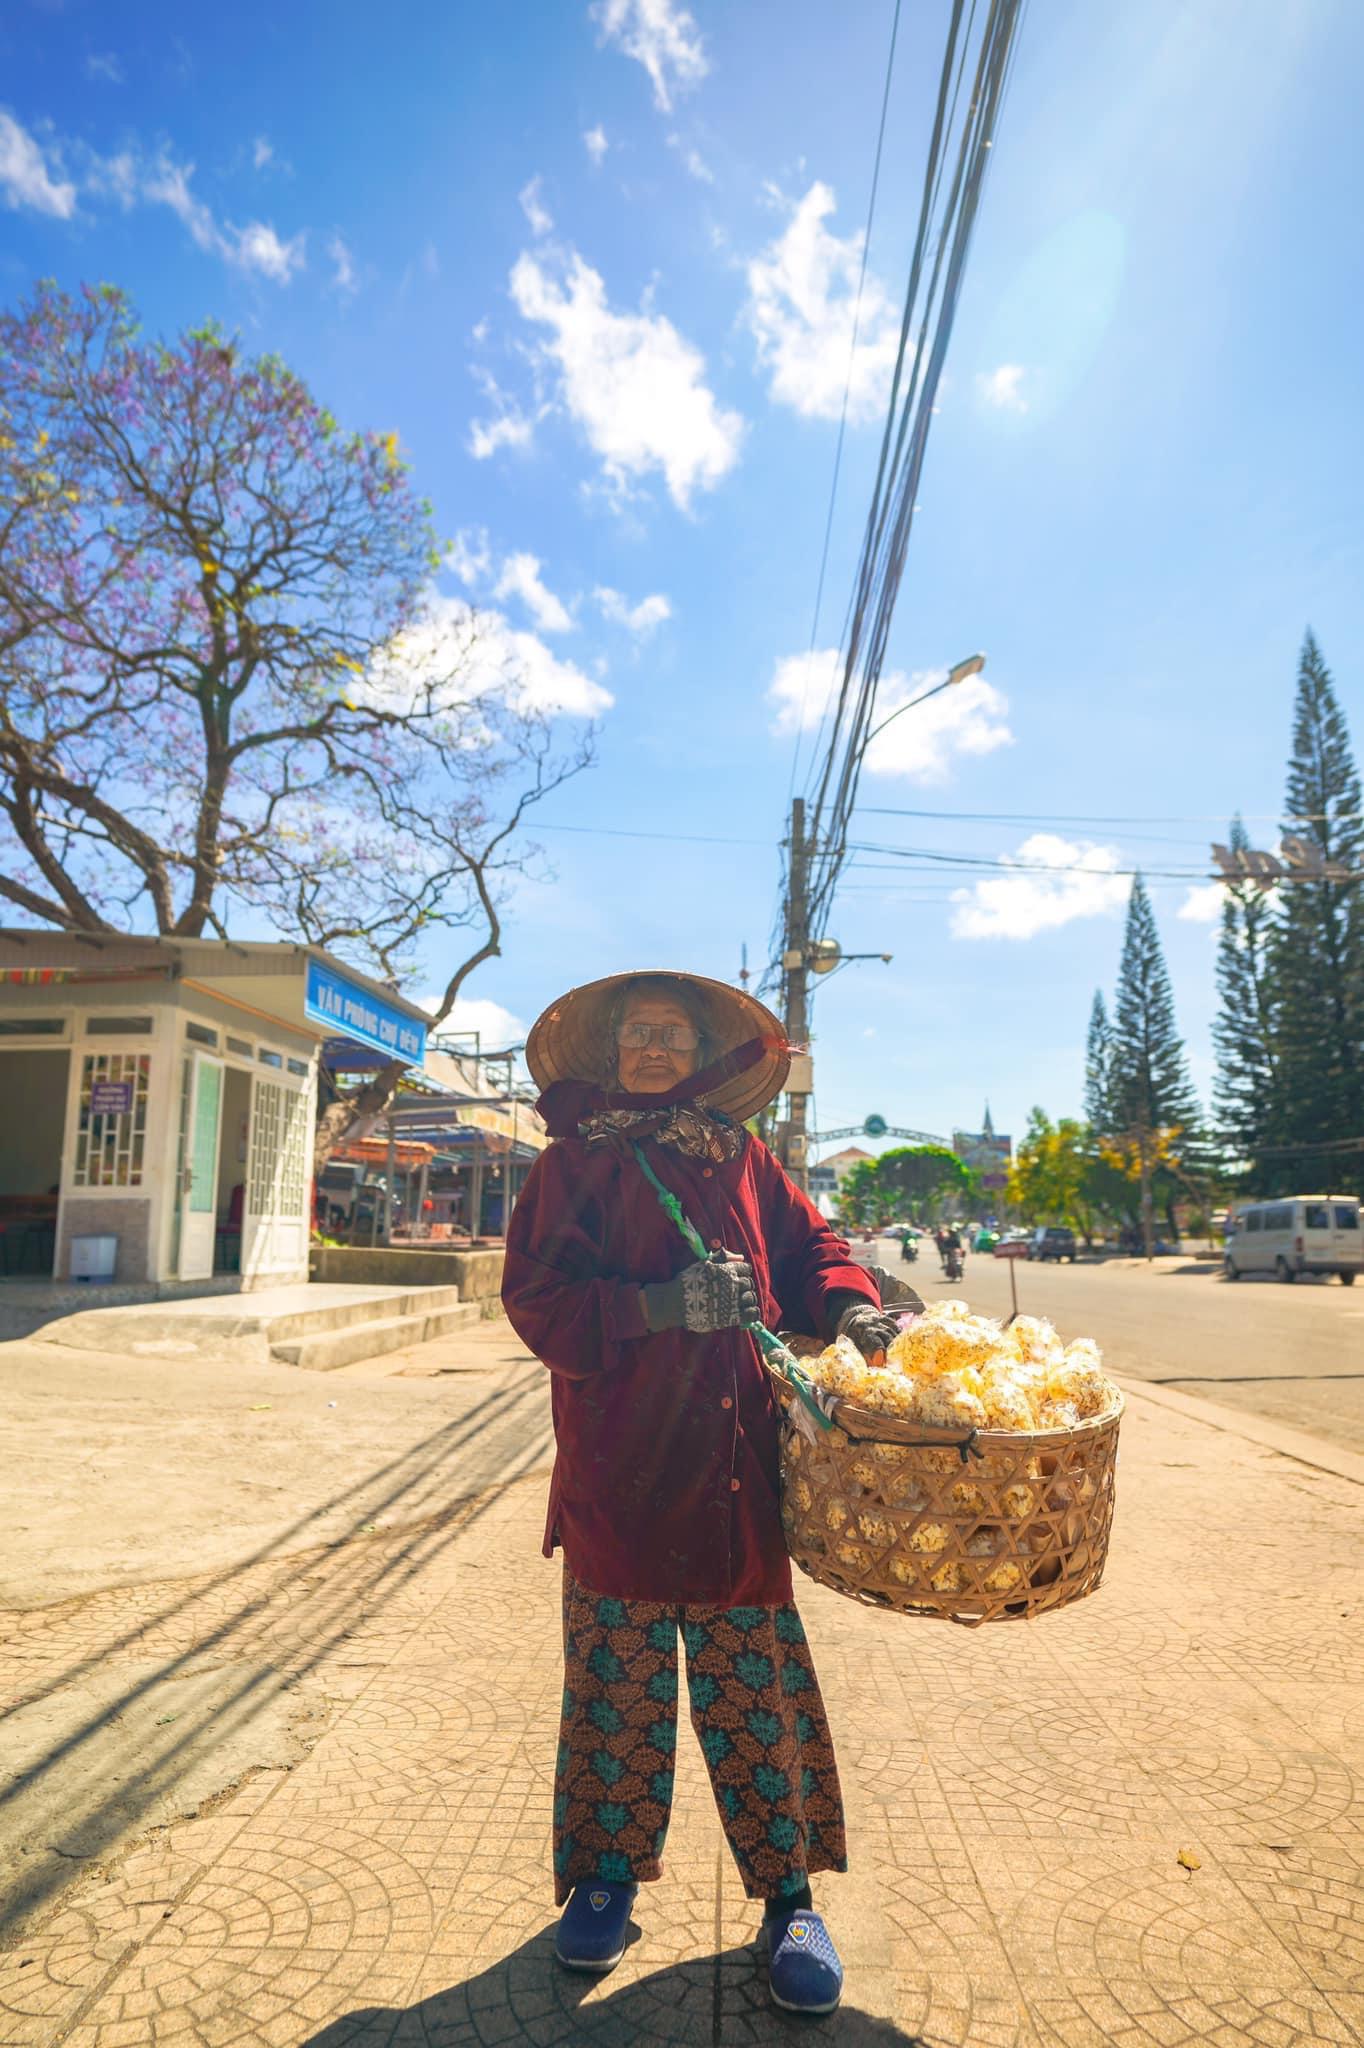 Gặp bà cụ 94 tuổi bán bỏng ngô dạo khắp Đà Lạt: Mỗi bức ảnh là câu chuyện khiến người ta cảm động-6